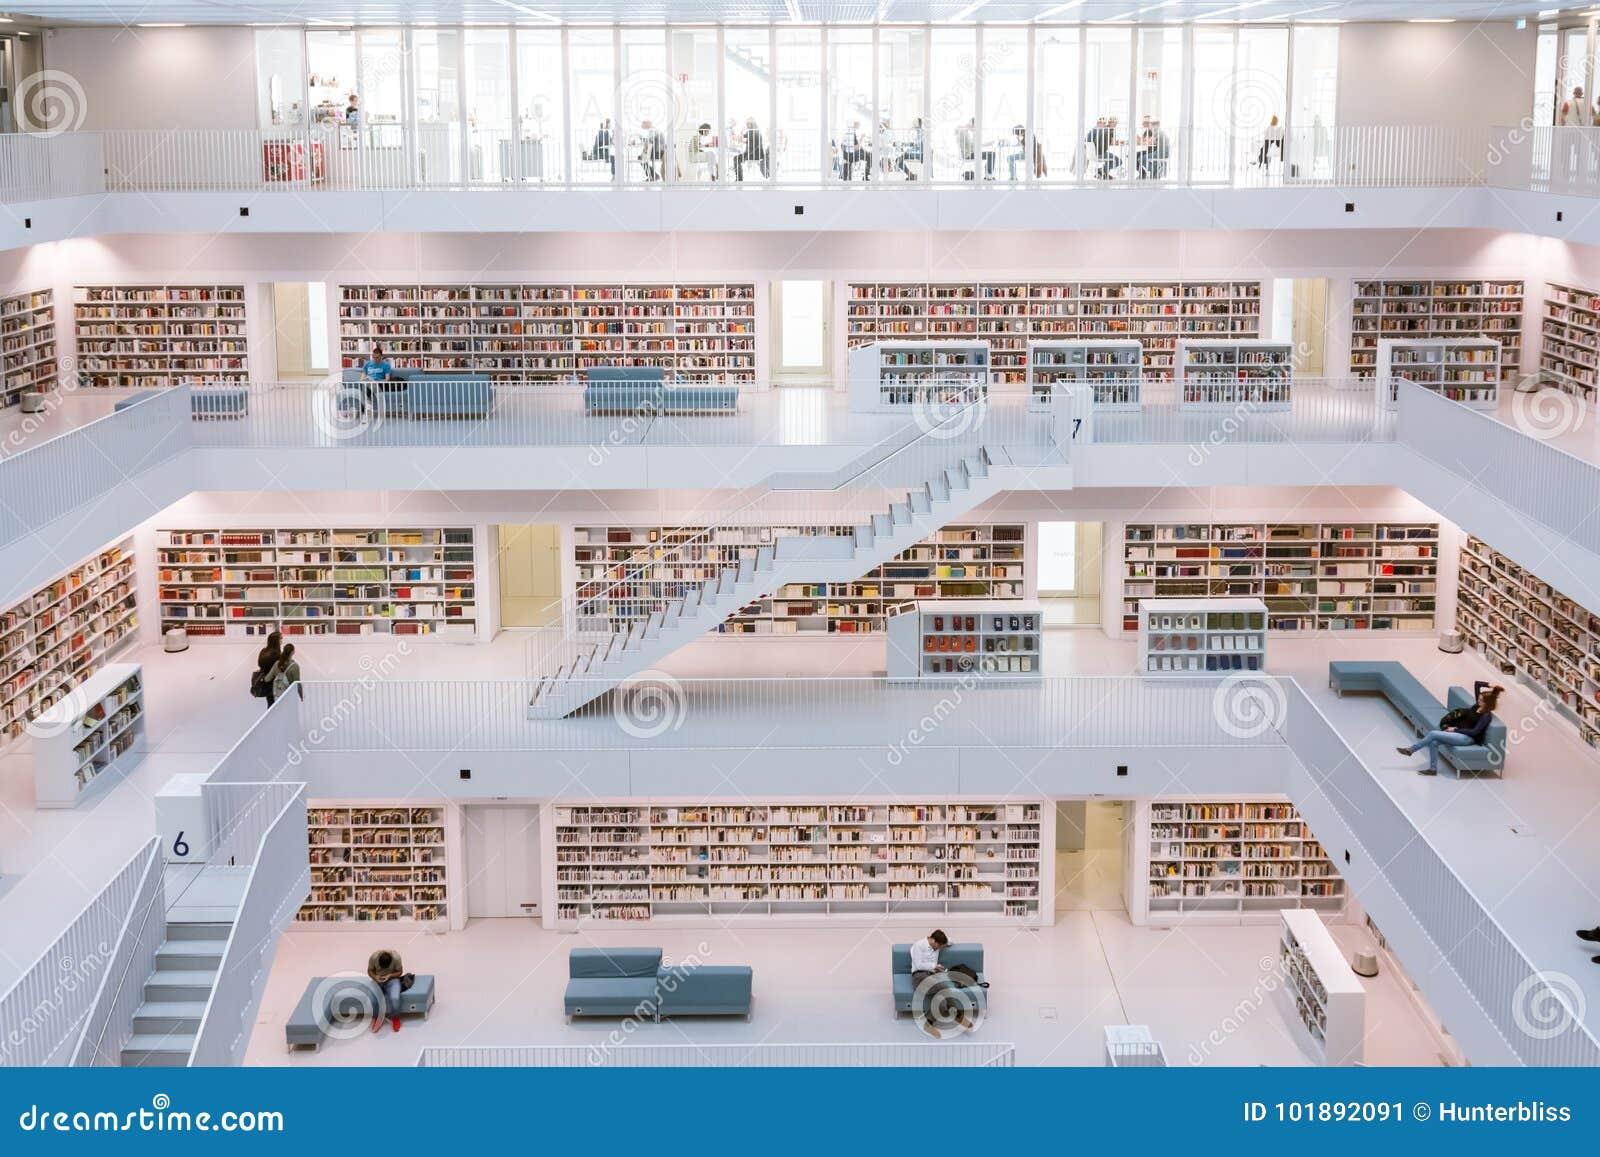 Entzückend Innenarchitektur Stuttgart Sammlung Von Stuttgart-stadt-bibliotheks-moderne Europäische Fam